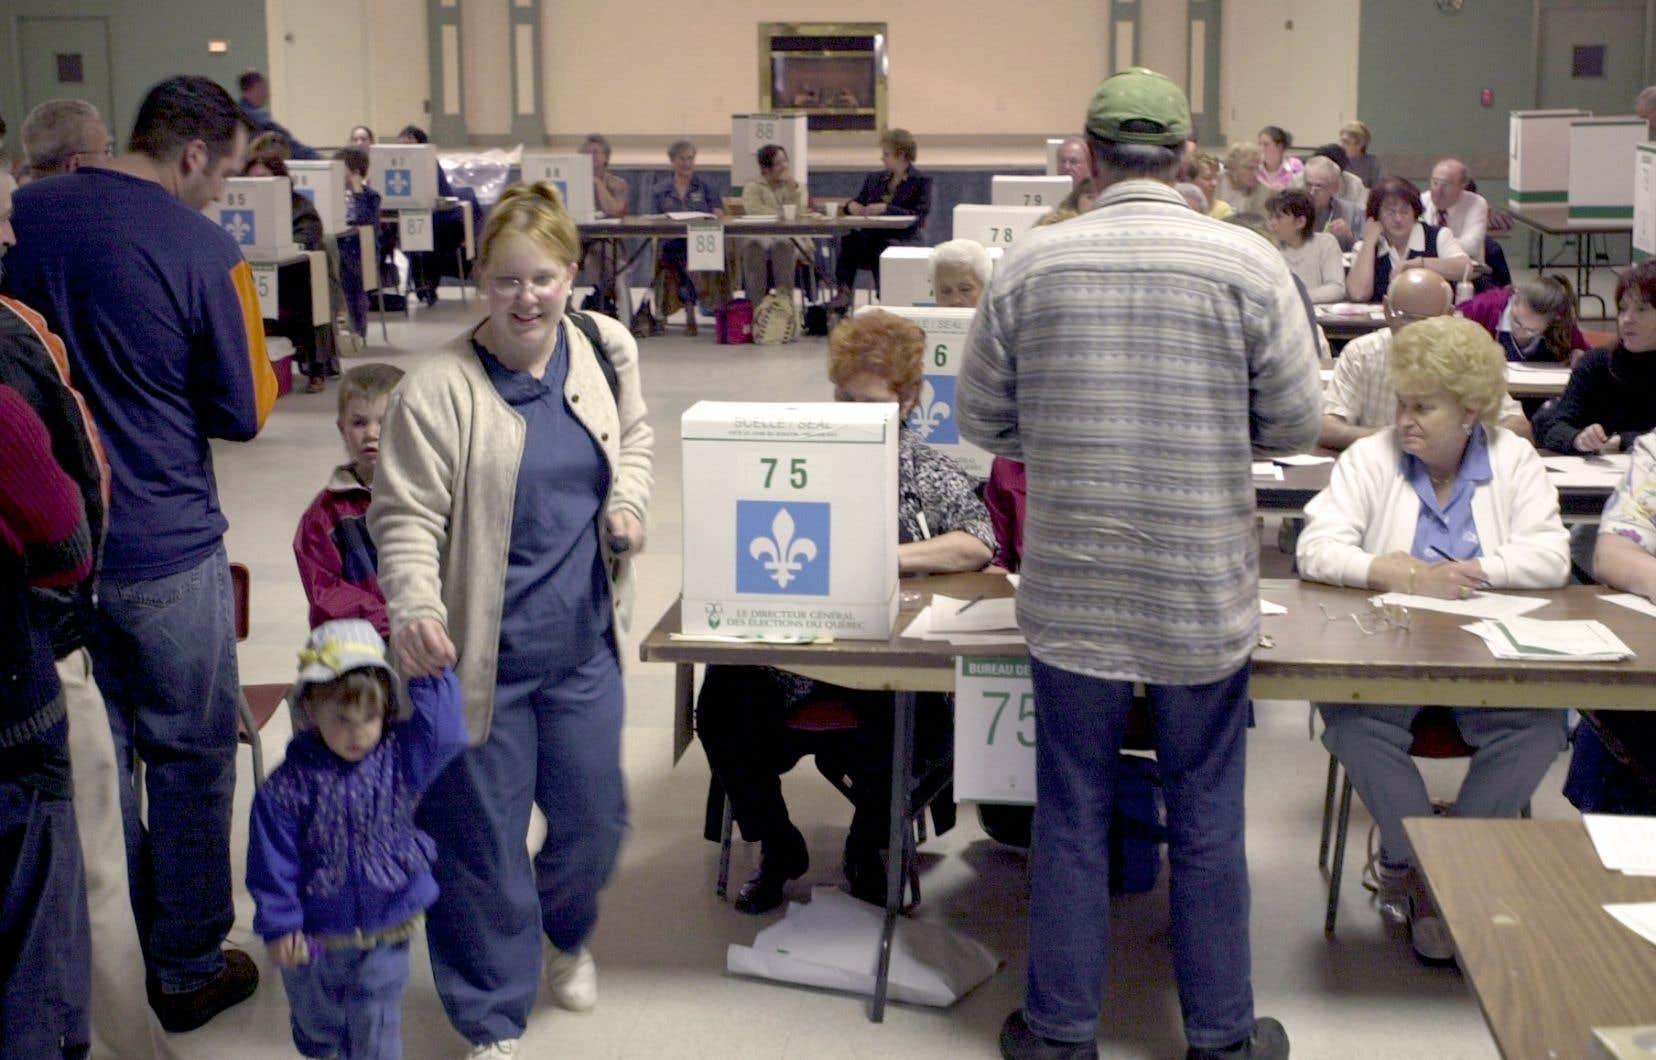 <p>En 2015, lors des dernières élections fédérales, 49600 concitoyens se sont présentés à un bureau de vote mais n'ont pu voter faute de posséder une carte avec photo, nom et adresse.</p>